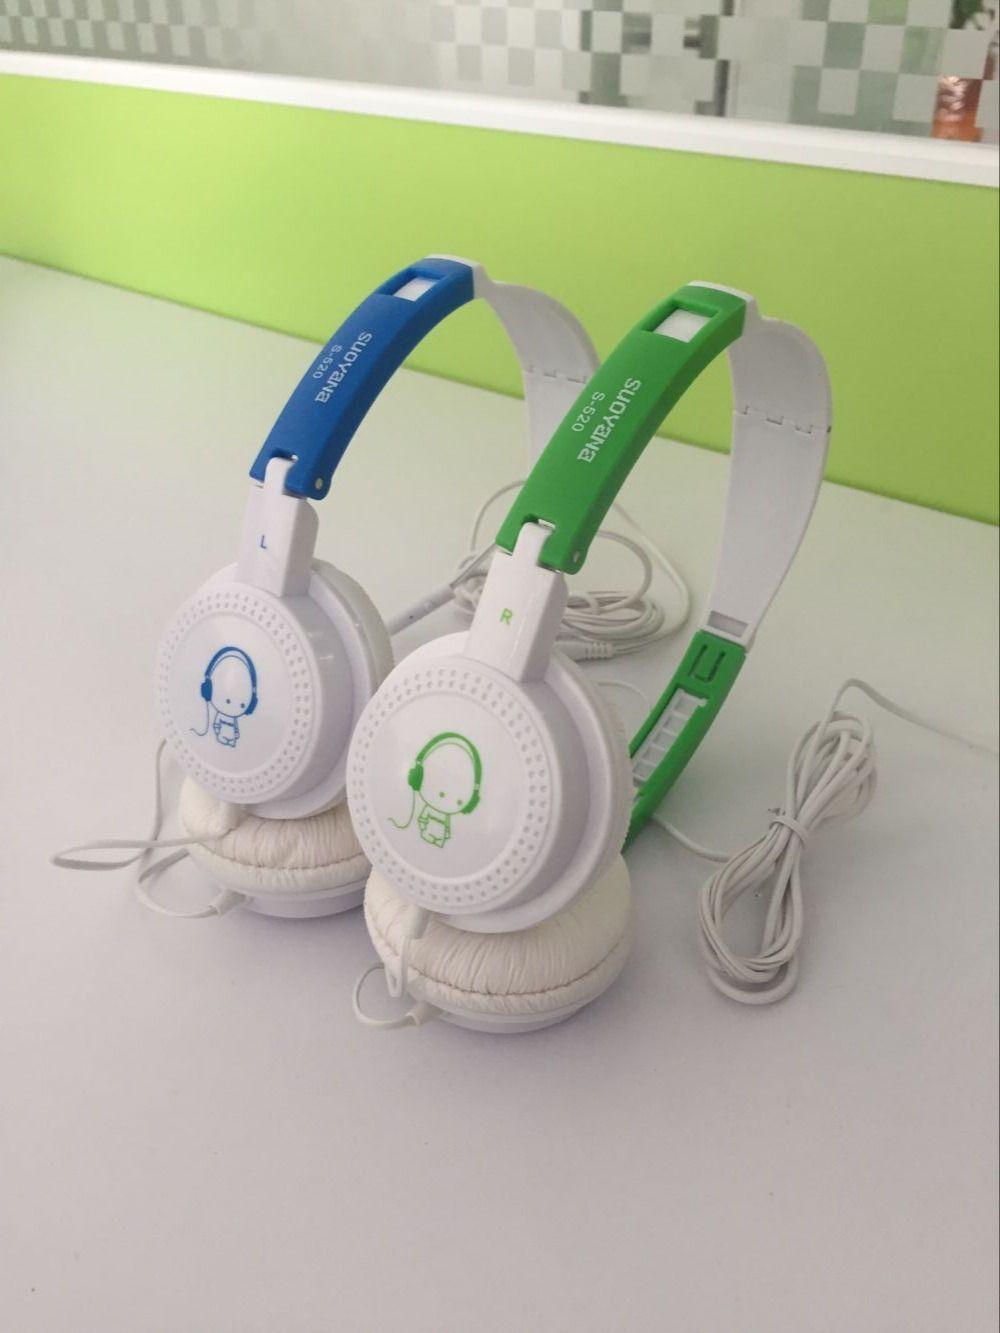 2016 neue Auriculares Heißer Verkauf Stirnband Drahtgebundene Kopfhörer Farbe Faltbare Stereo Headset Kopfhörer Für Mp3 Mp4 Handy